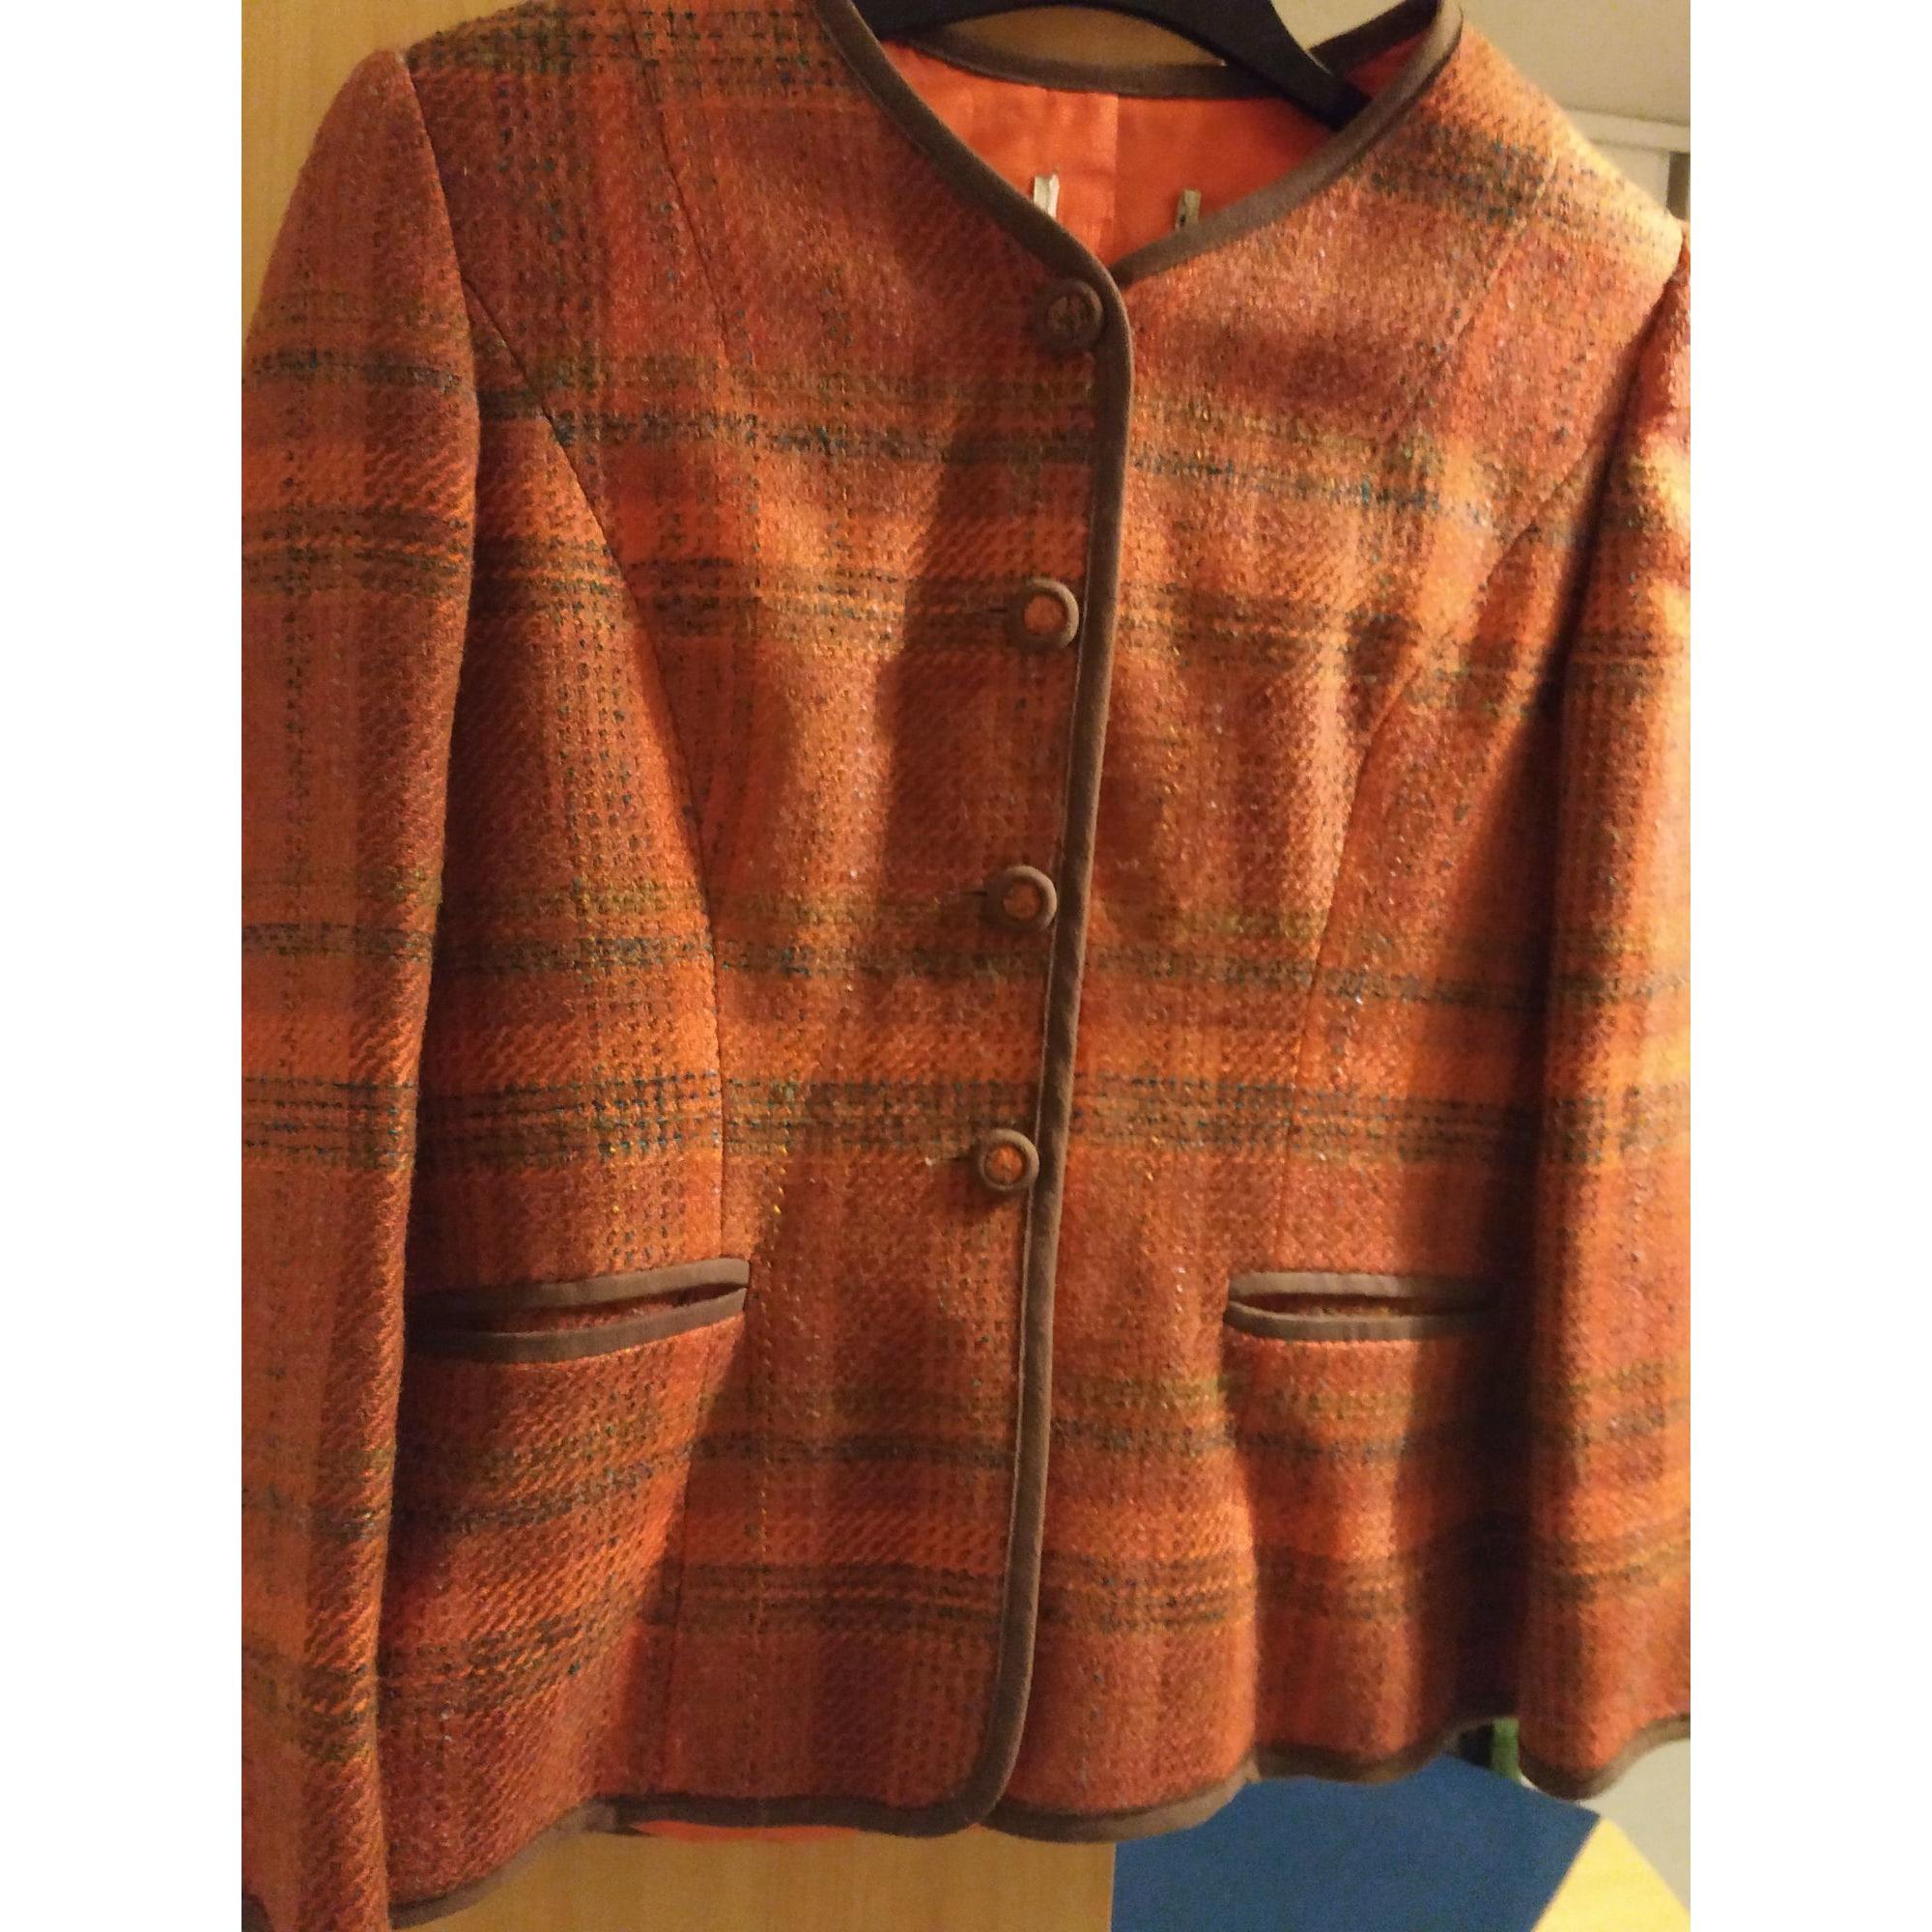 Blazer, veste tailleur SANS MARQUE Doré, bronze, cuivre